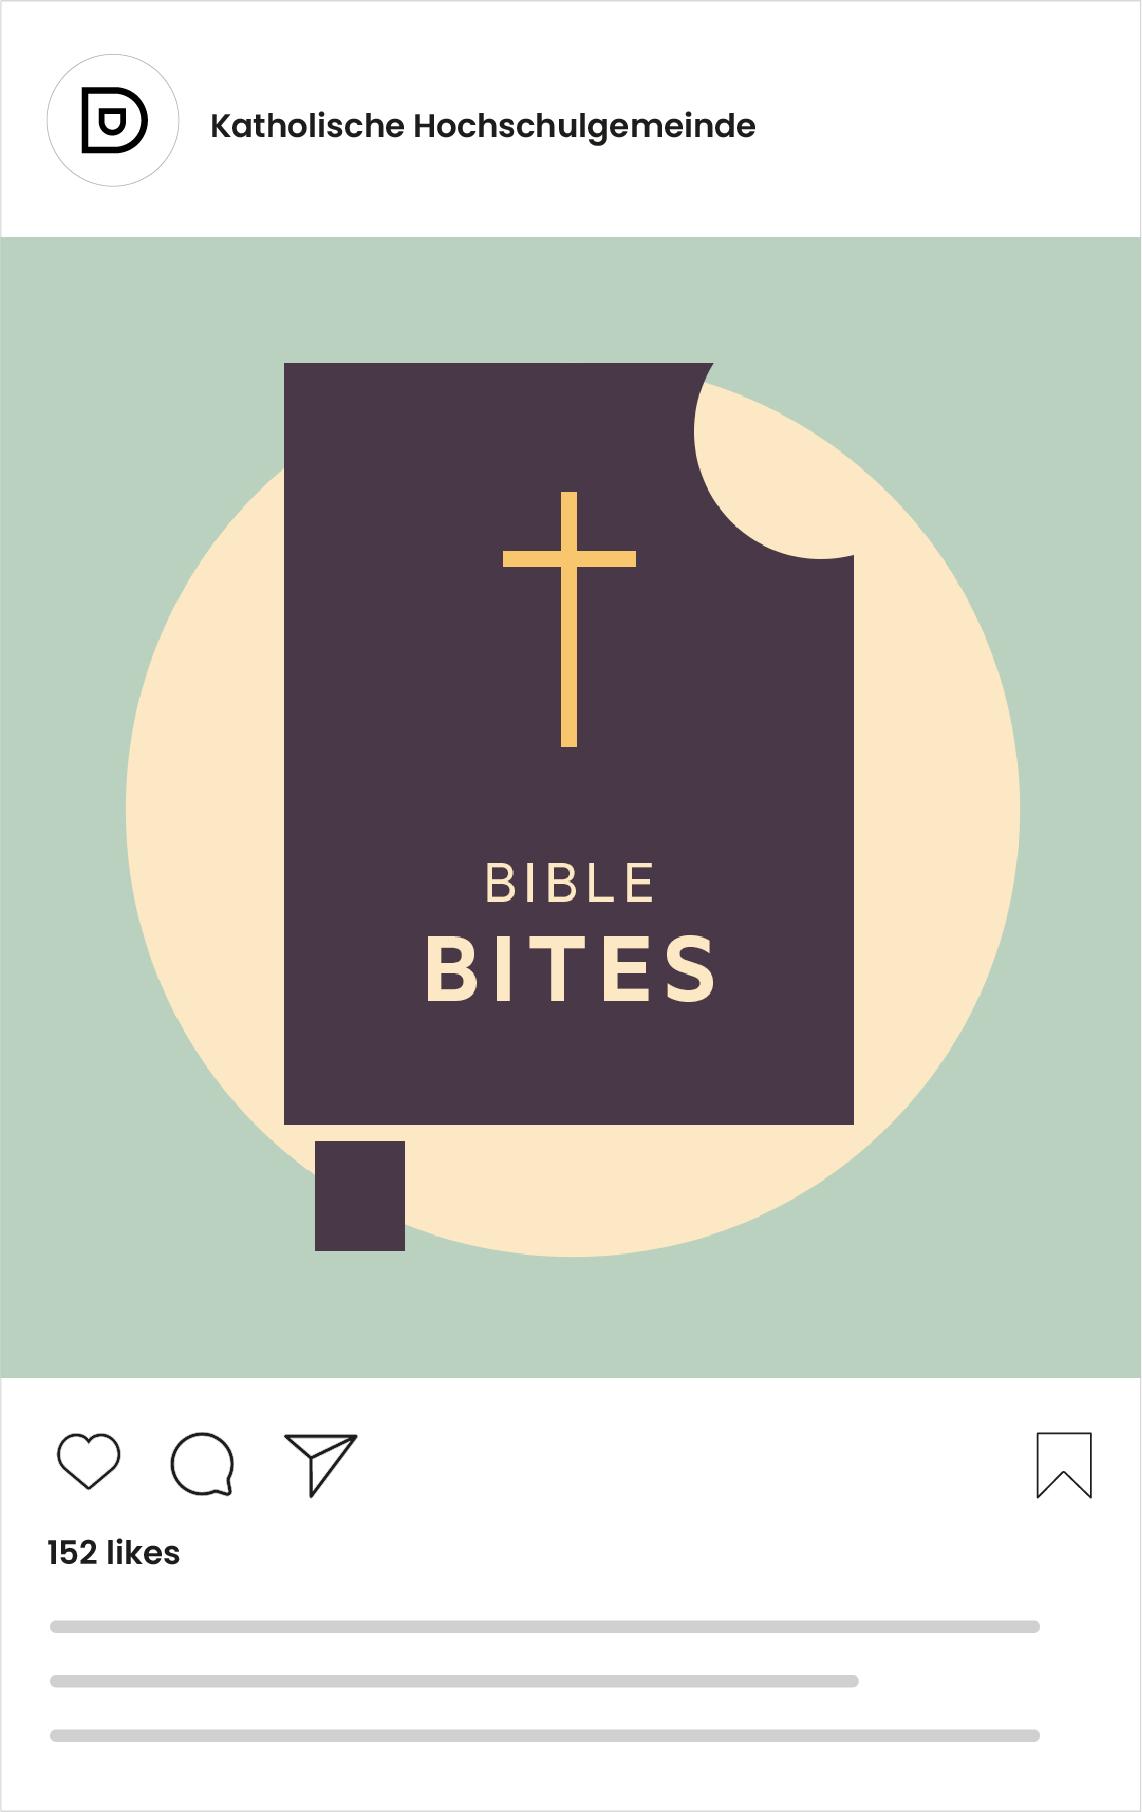 Katholische Hochschulgemeinde Düsseldorf Social Media Post zu Bible Bites